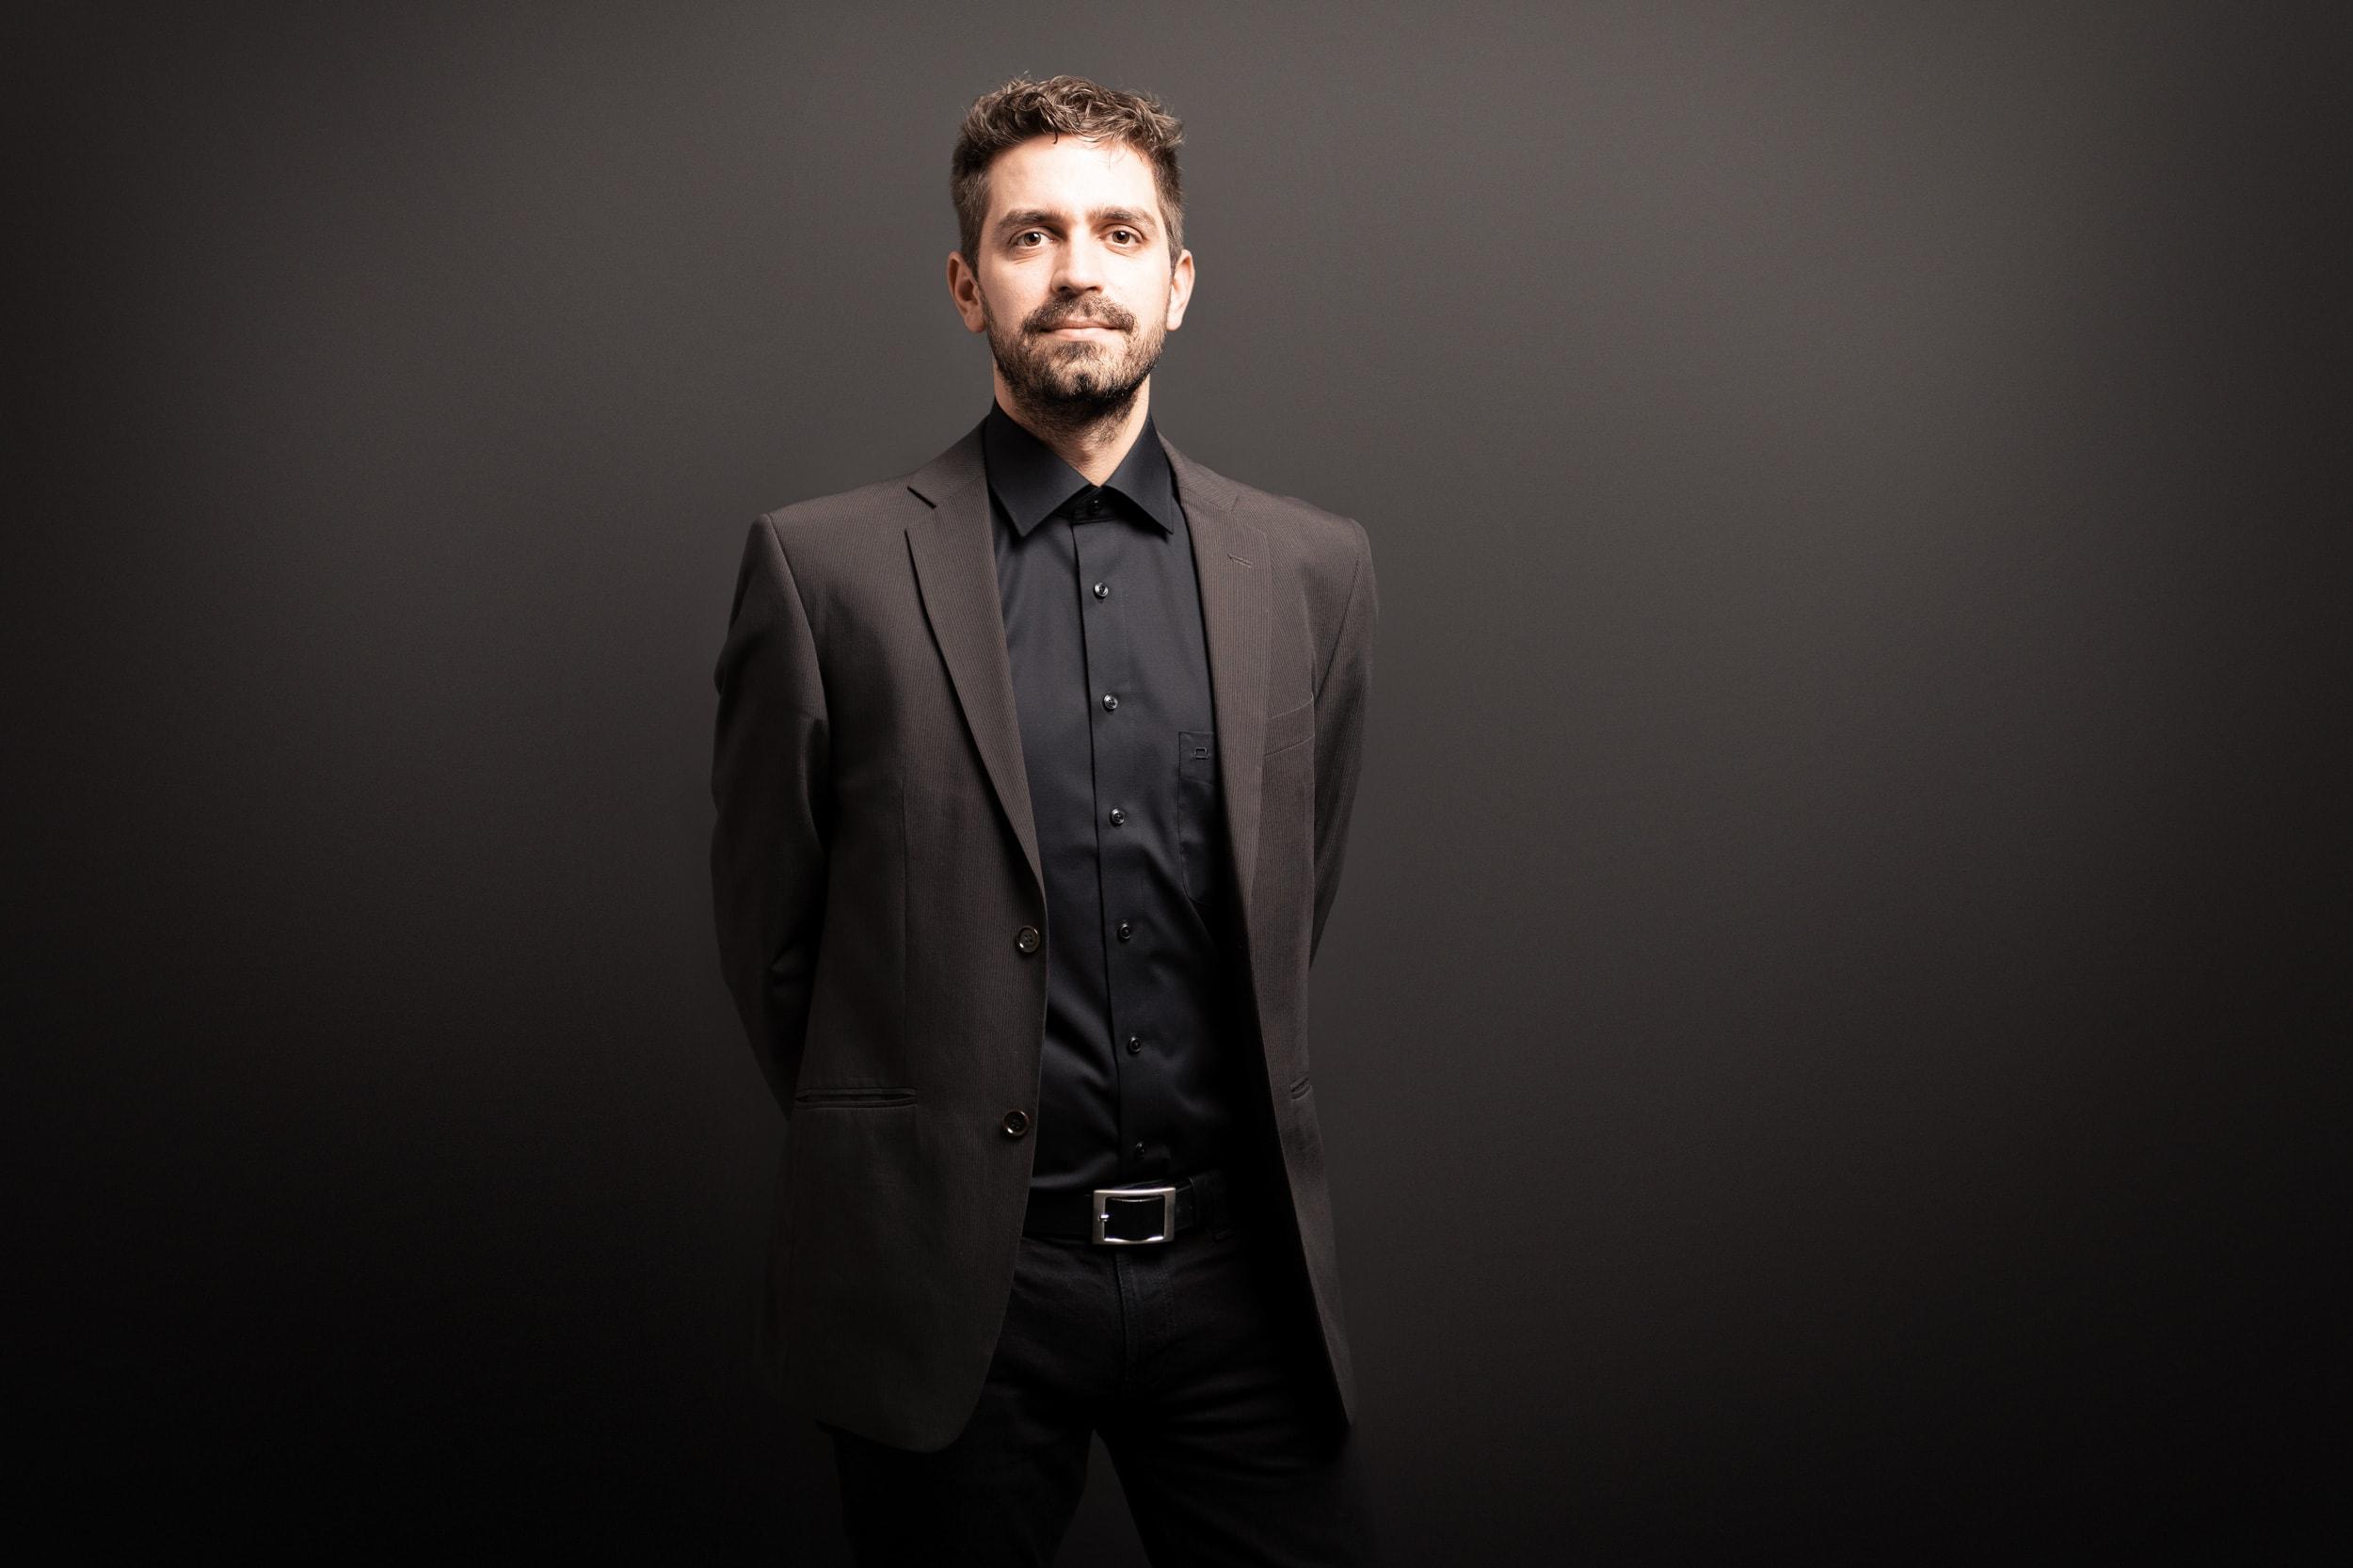 Jérôme Meier